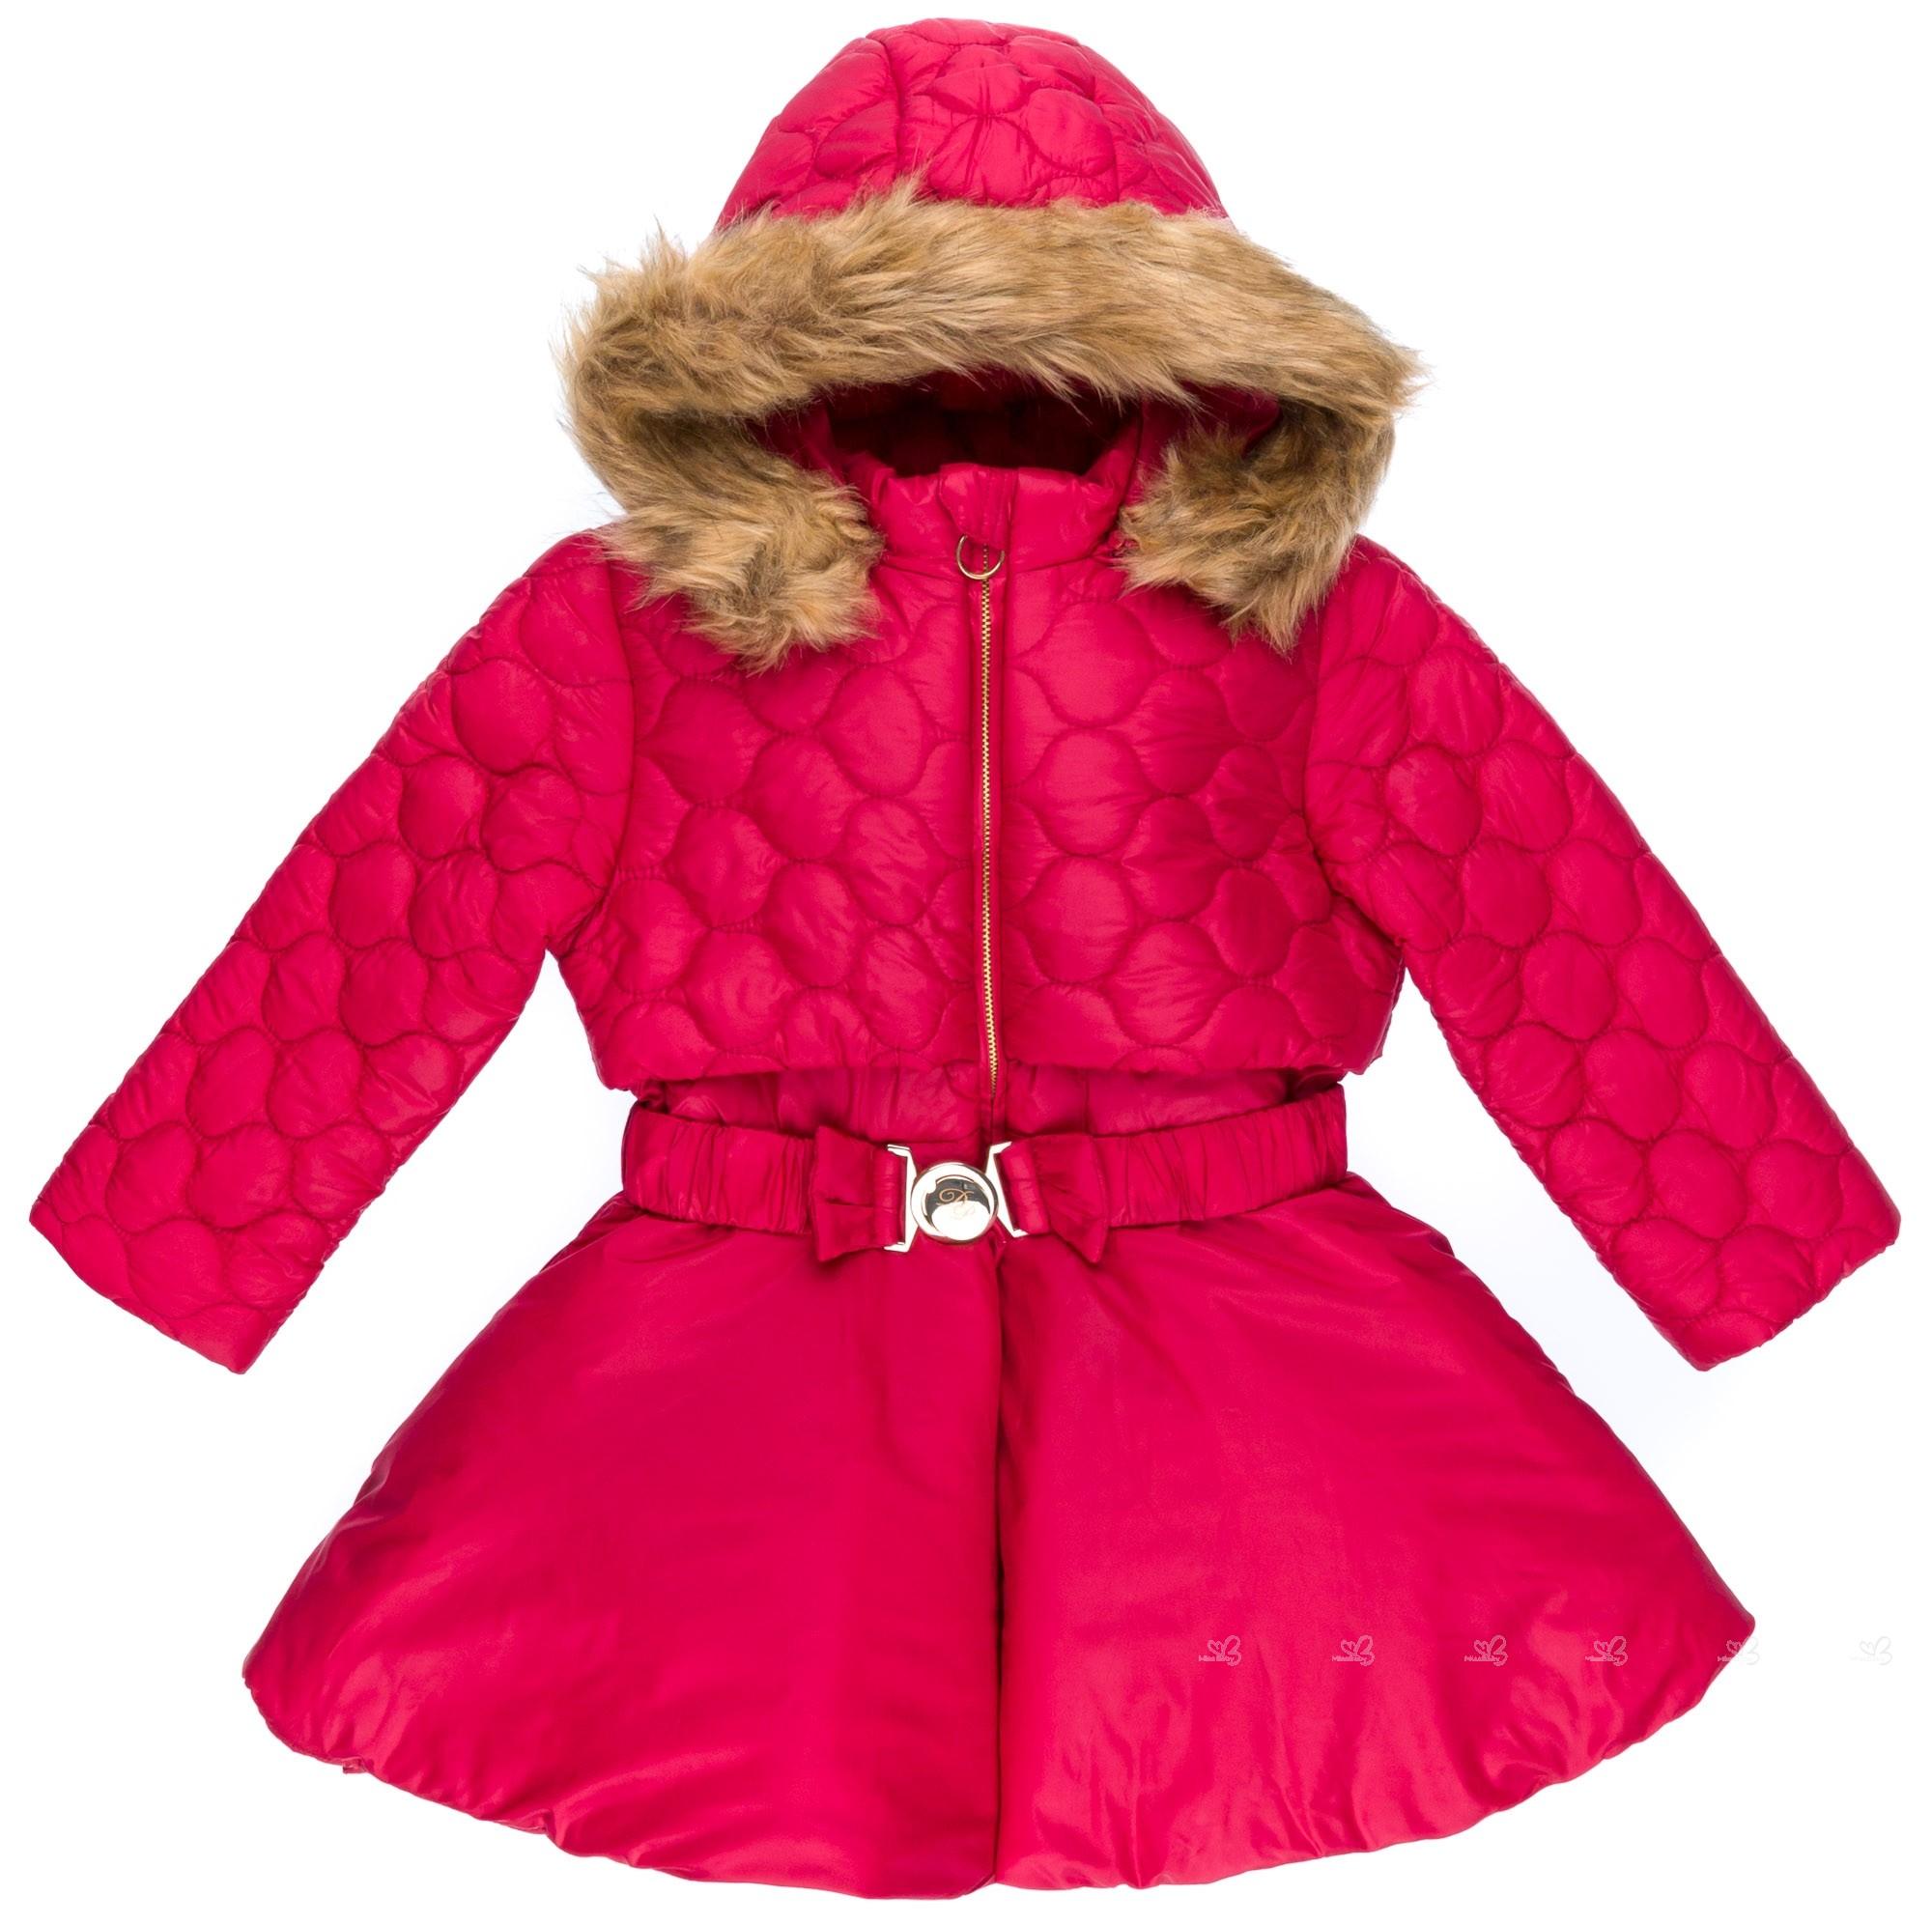 Abrigo rojo para nina